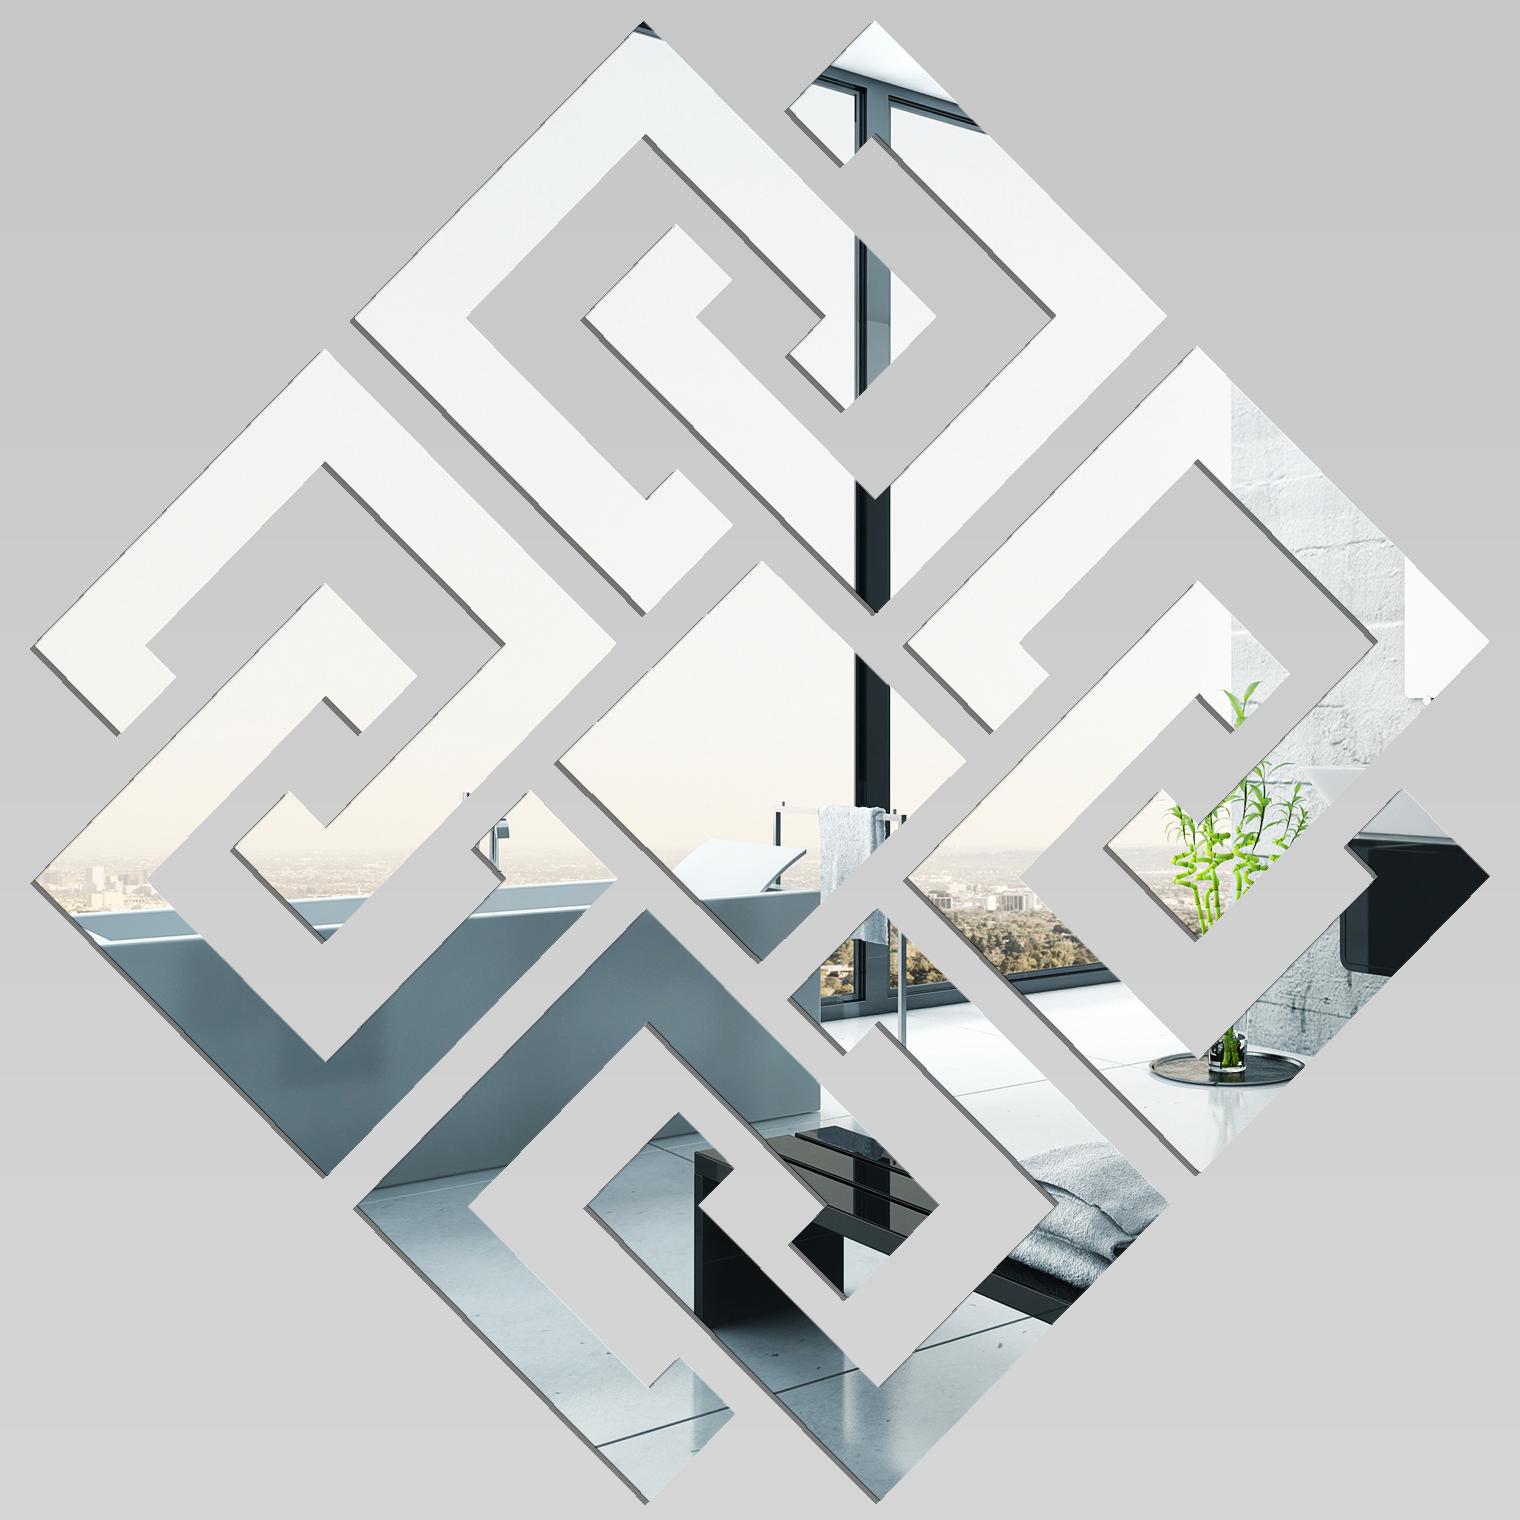 miroir acrylique plexiglass losange design 2 - Miroir Design Pas Cher